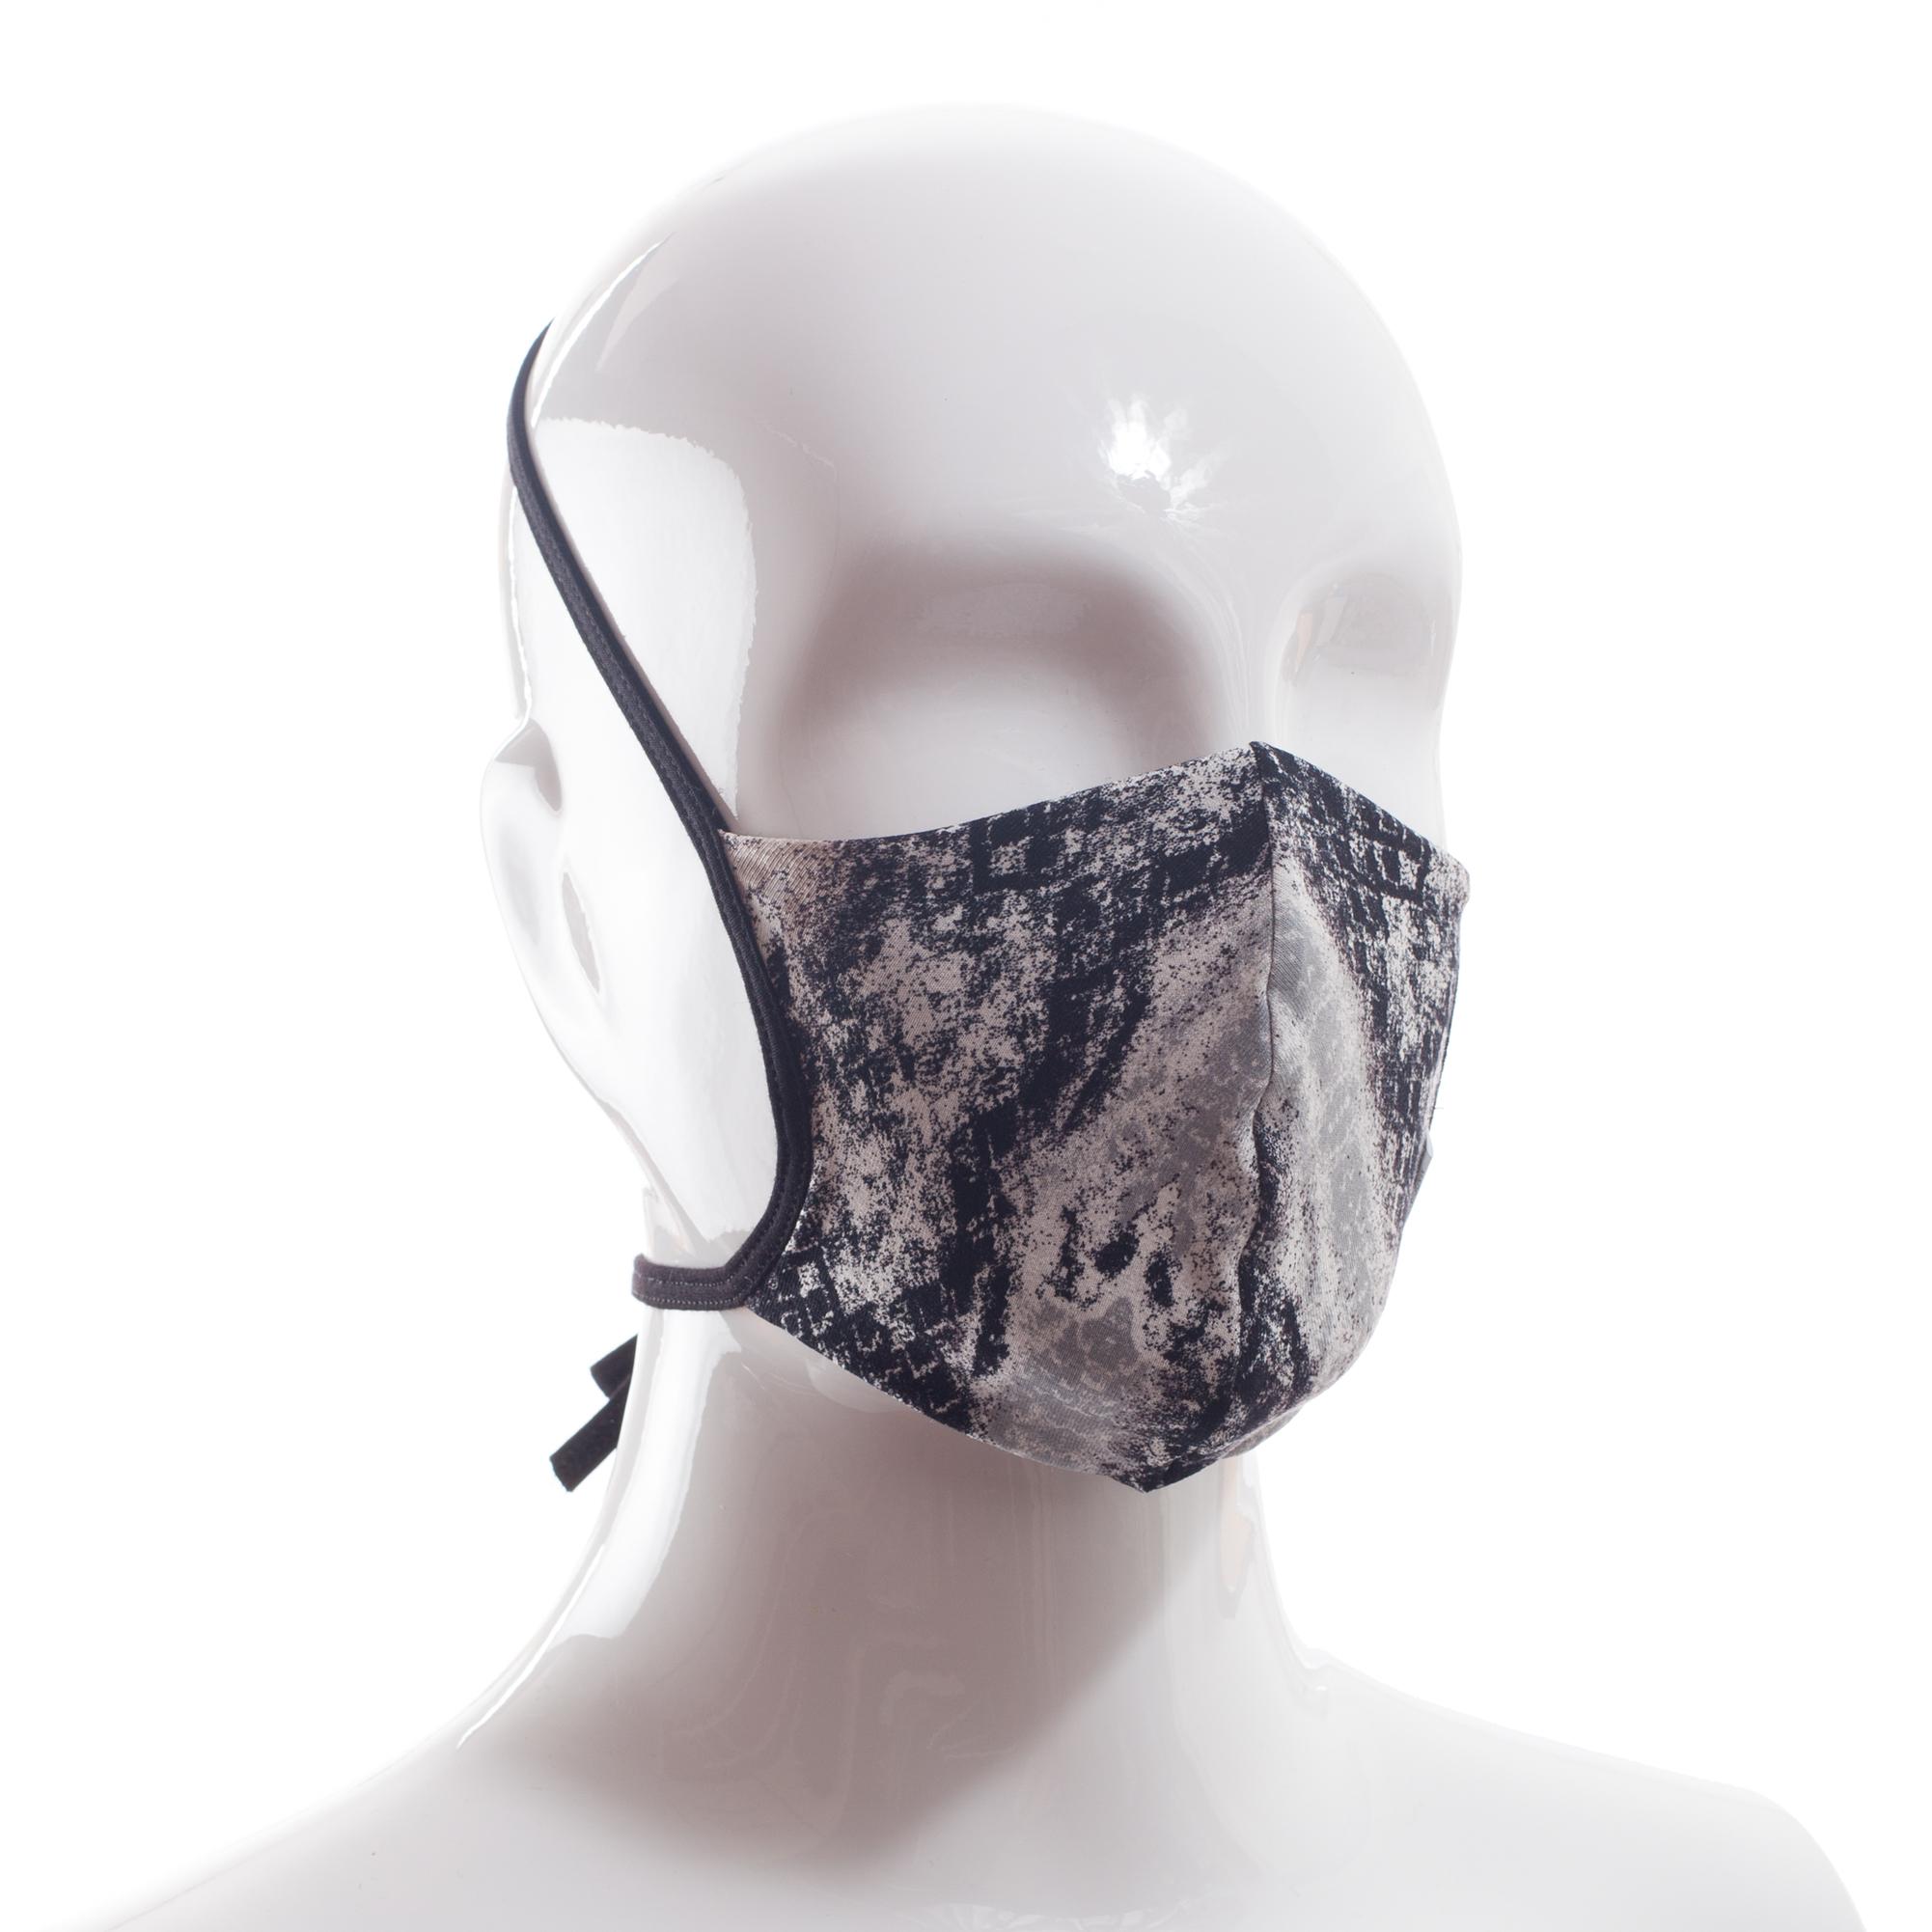 Die Baumwoll-Polyester Mund-Nasen Maske BWPM4 von der Wonneberger Manufaktur ist eine textile Behelfsmaske, kein zertifizierter Mundschutz.  Sie schützt nur bedingt vor Ansteckung. Ihr eigentlicher Zweck ist es, den Atem des Trägers zu filtern und dadurch seine Umgebung zu schützen.  Daher muss die…